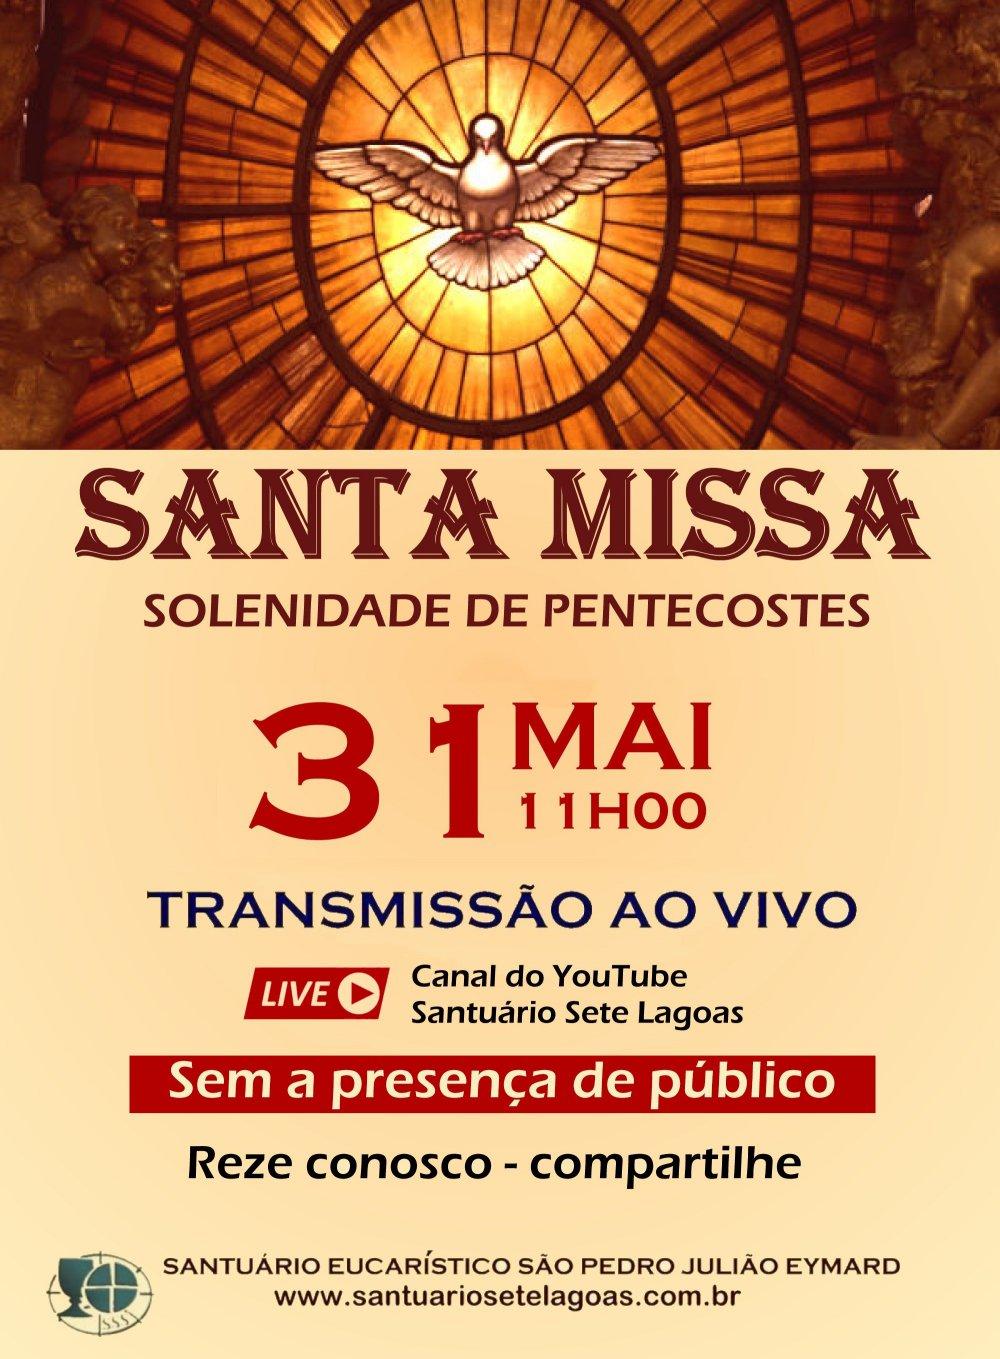 Santa Missa da Solenidade de Pentecostes com transmissão ao vivo, domingo dia 31/05. Participe!